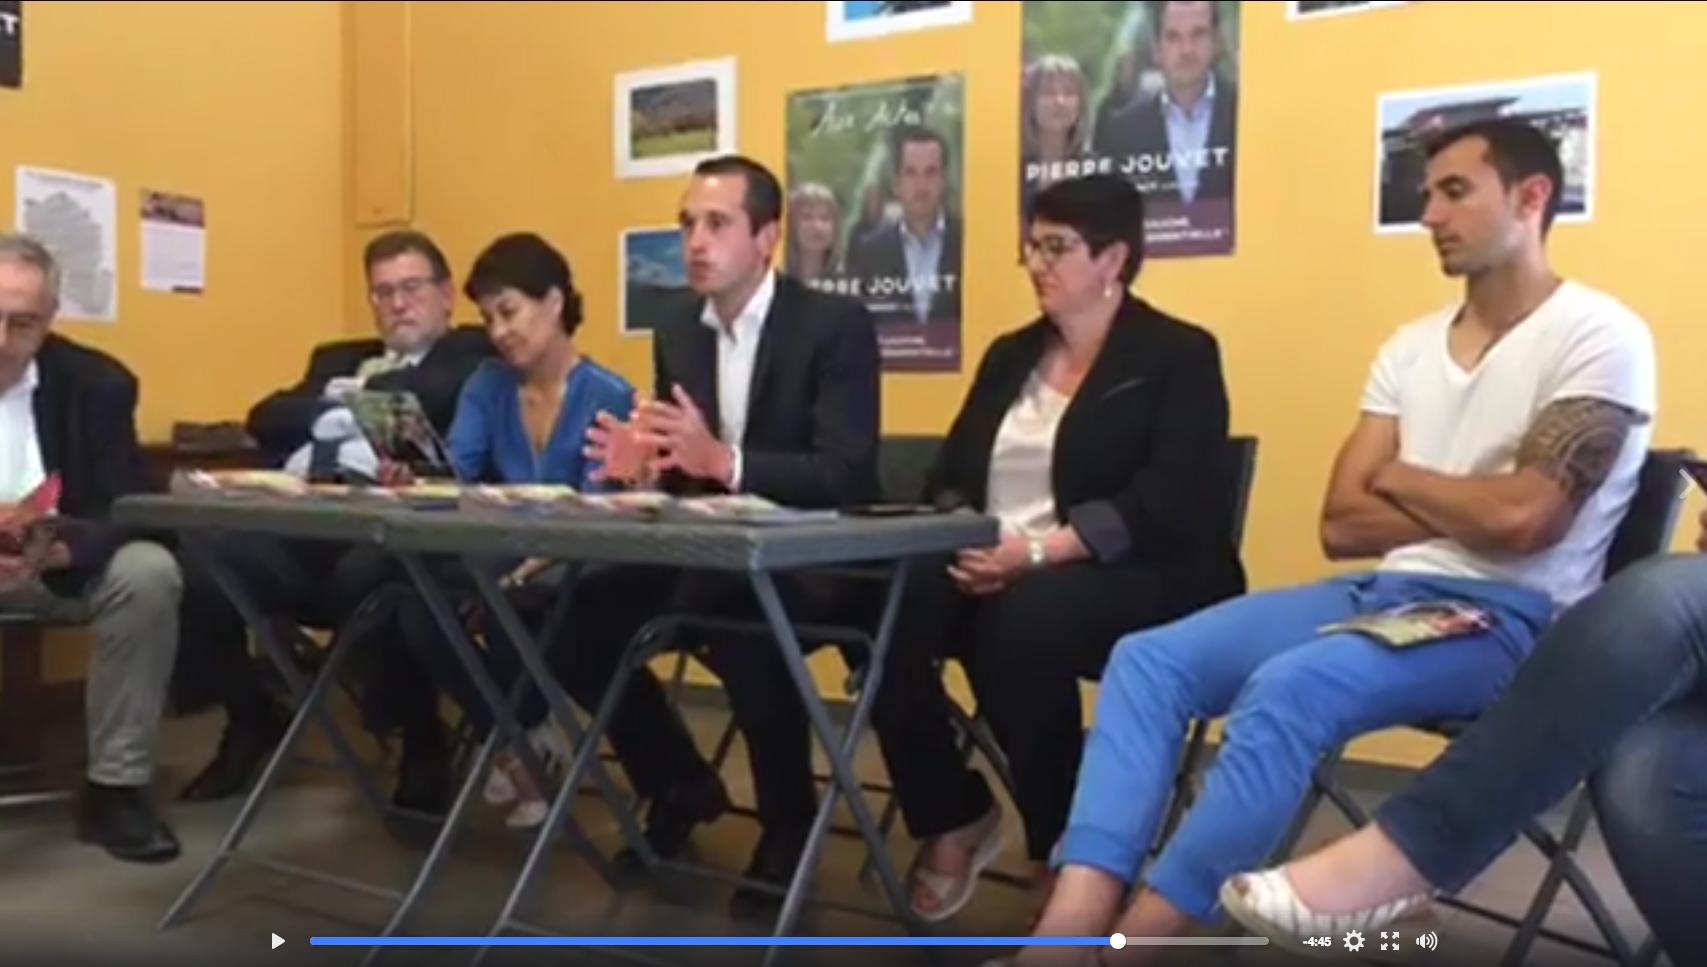 Vidéo : Présentation de mon contrat de législature à la presse